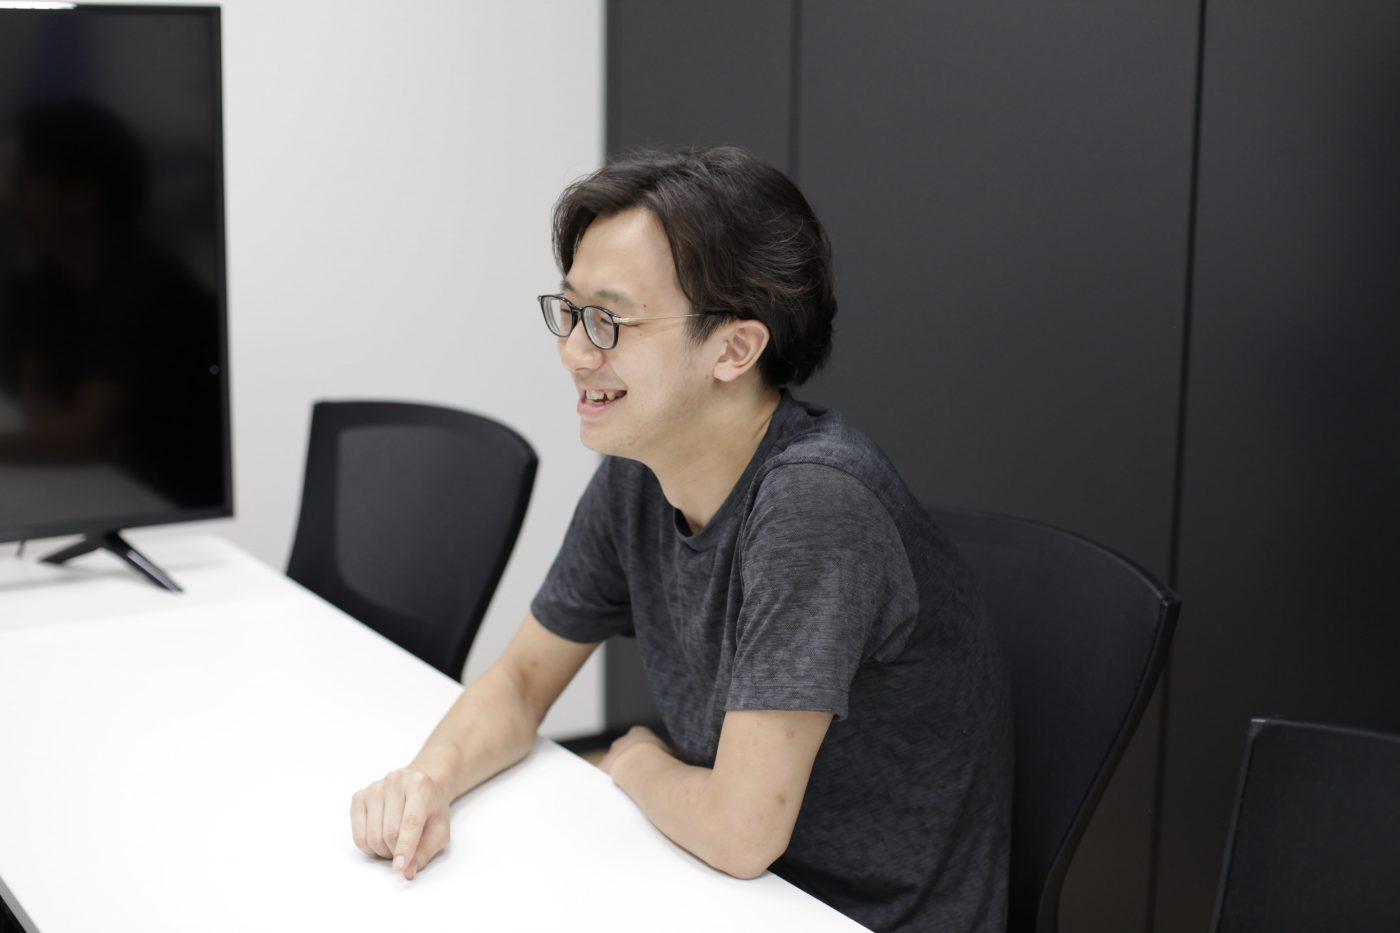 シリコンバレーへの渡航は、吉兼氏にとっては大きな衝撃だった。ビジネスコンテストで優勝するまでは「なんとなくアルバイトをするよりは楽しいから」と続けていた活動も、シリコンバレーで見たリアルなスタートアップの姿によって、強い興味に変わっていたという。